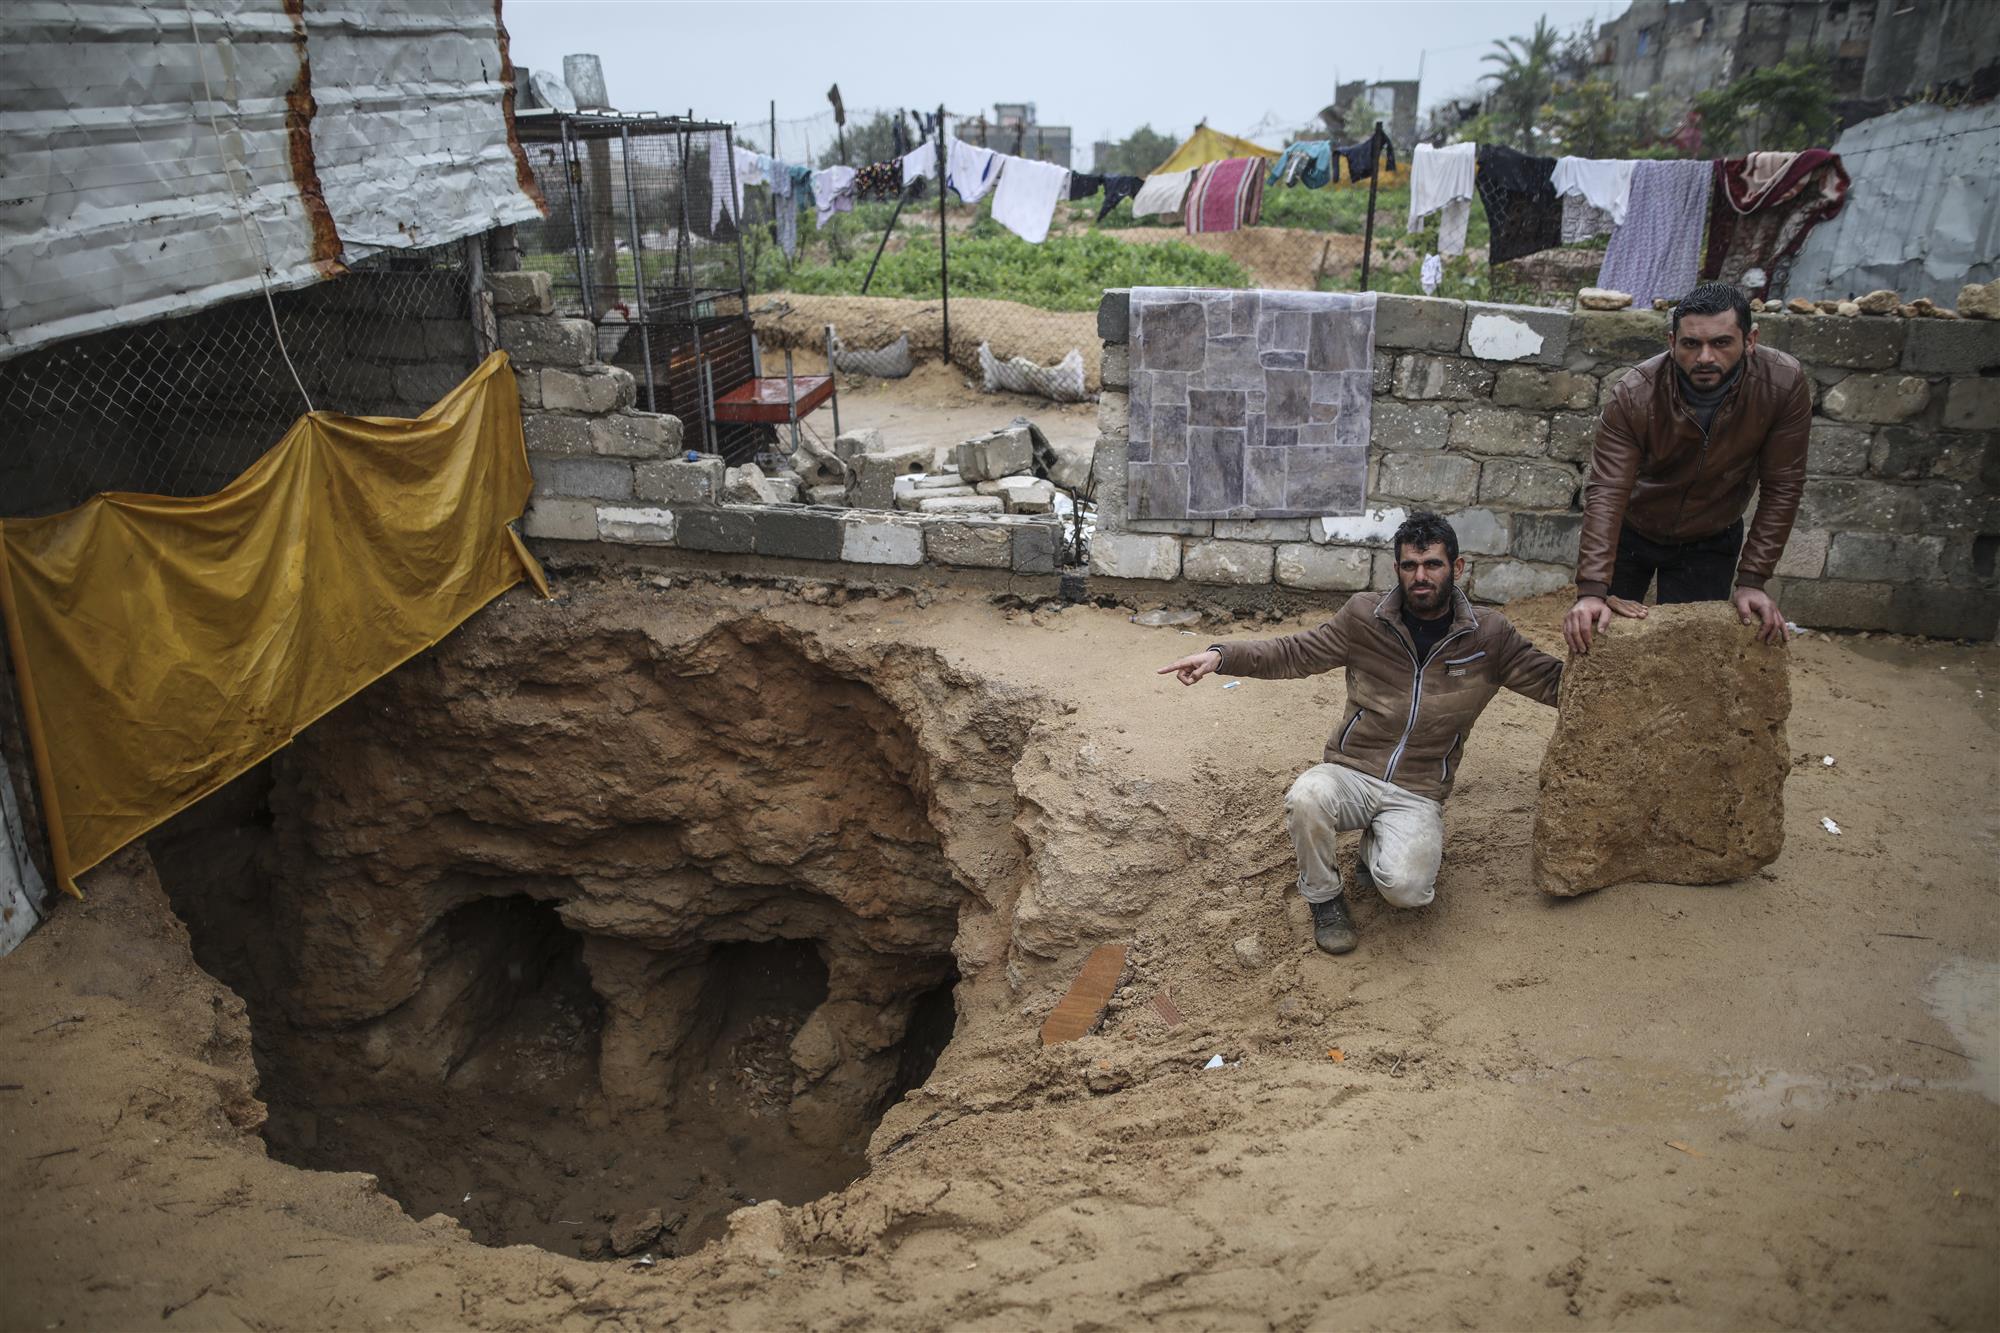 Un joven palestino descubre 9 tumbas romanas en el patio trasero de su casa